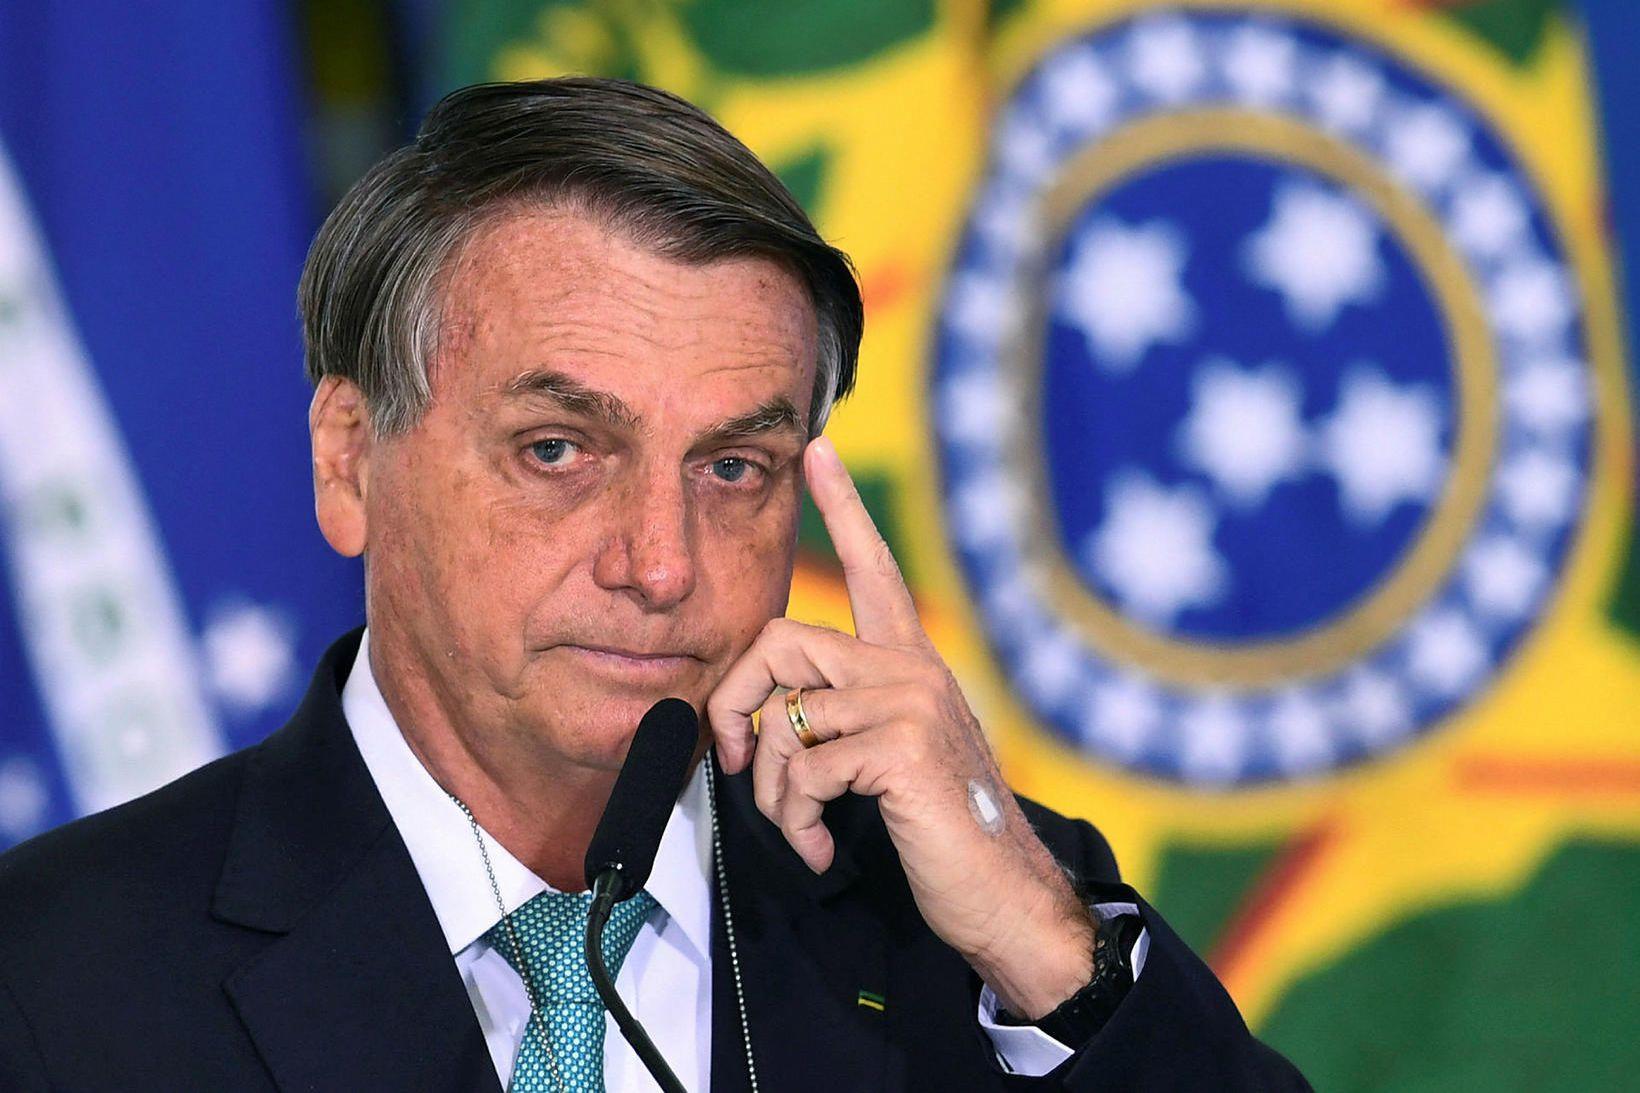 Yfirlýsingar Jair Bolsonaro svipa mikið til yfirlýsinga Trump fyrir forsetakosningarnar …